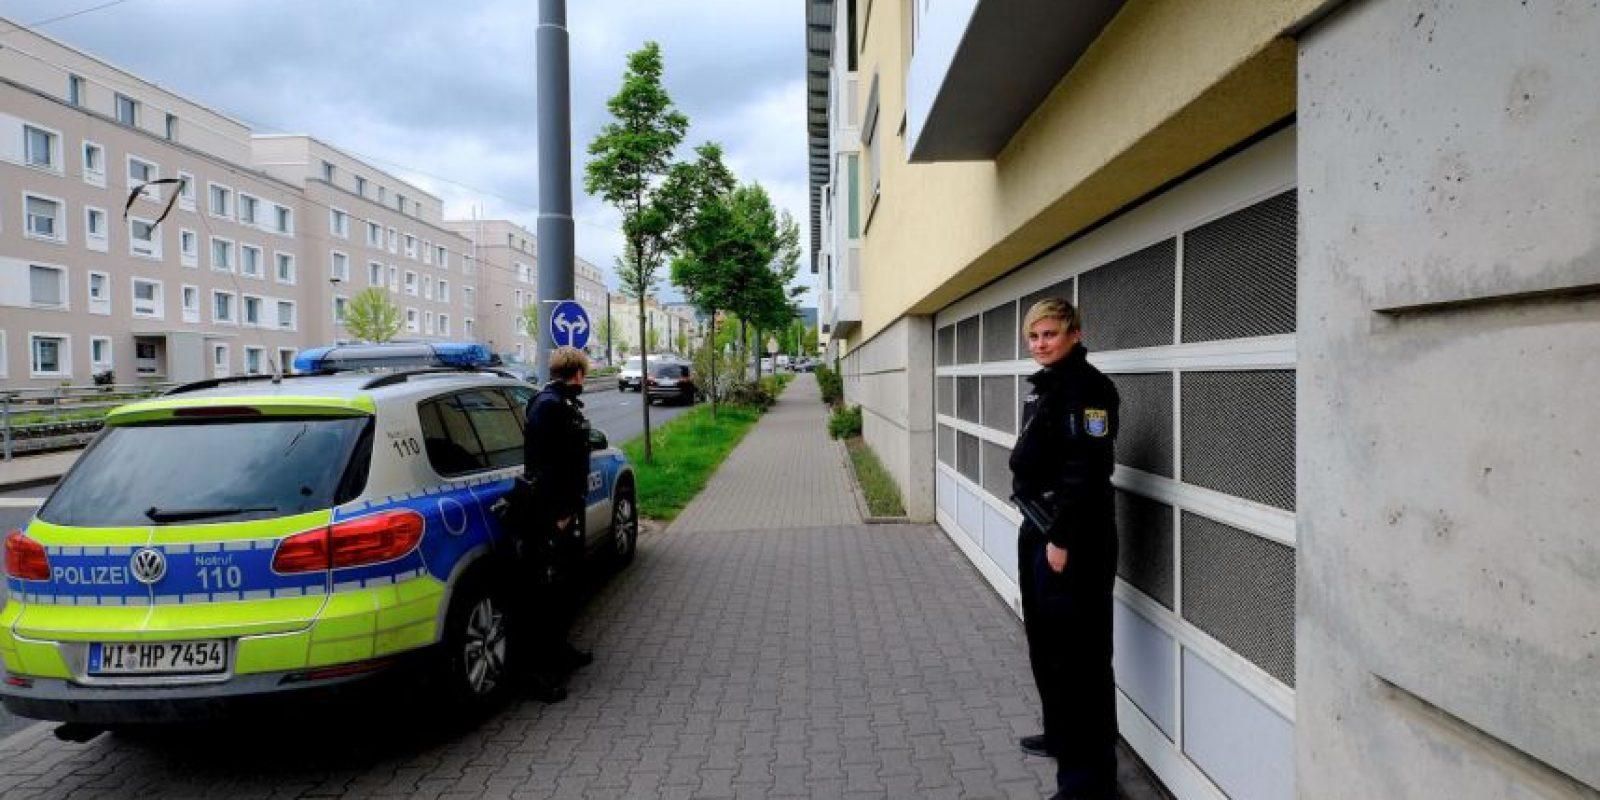 El matrimonio fue detenido en una ciudad cercana a Frankfurt Foto:Getty Images